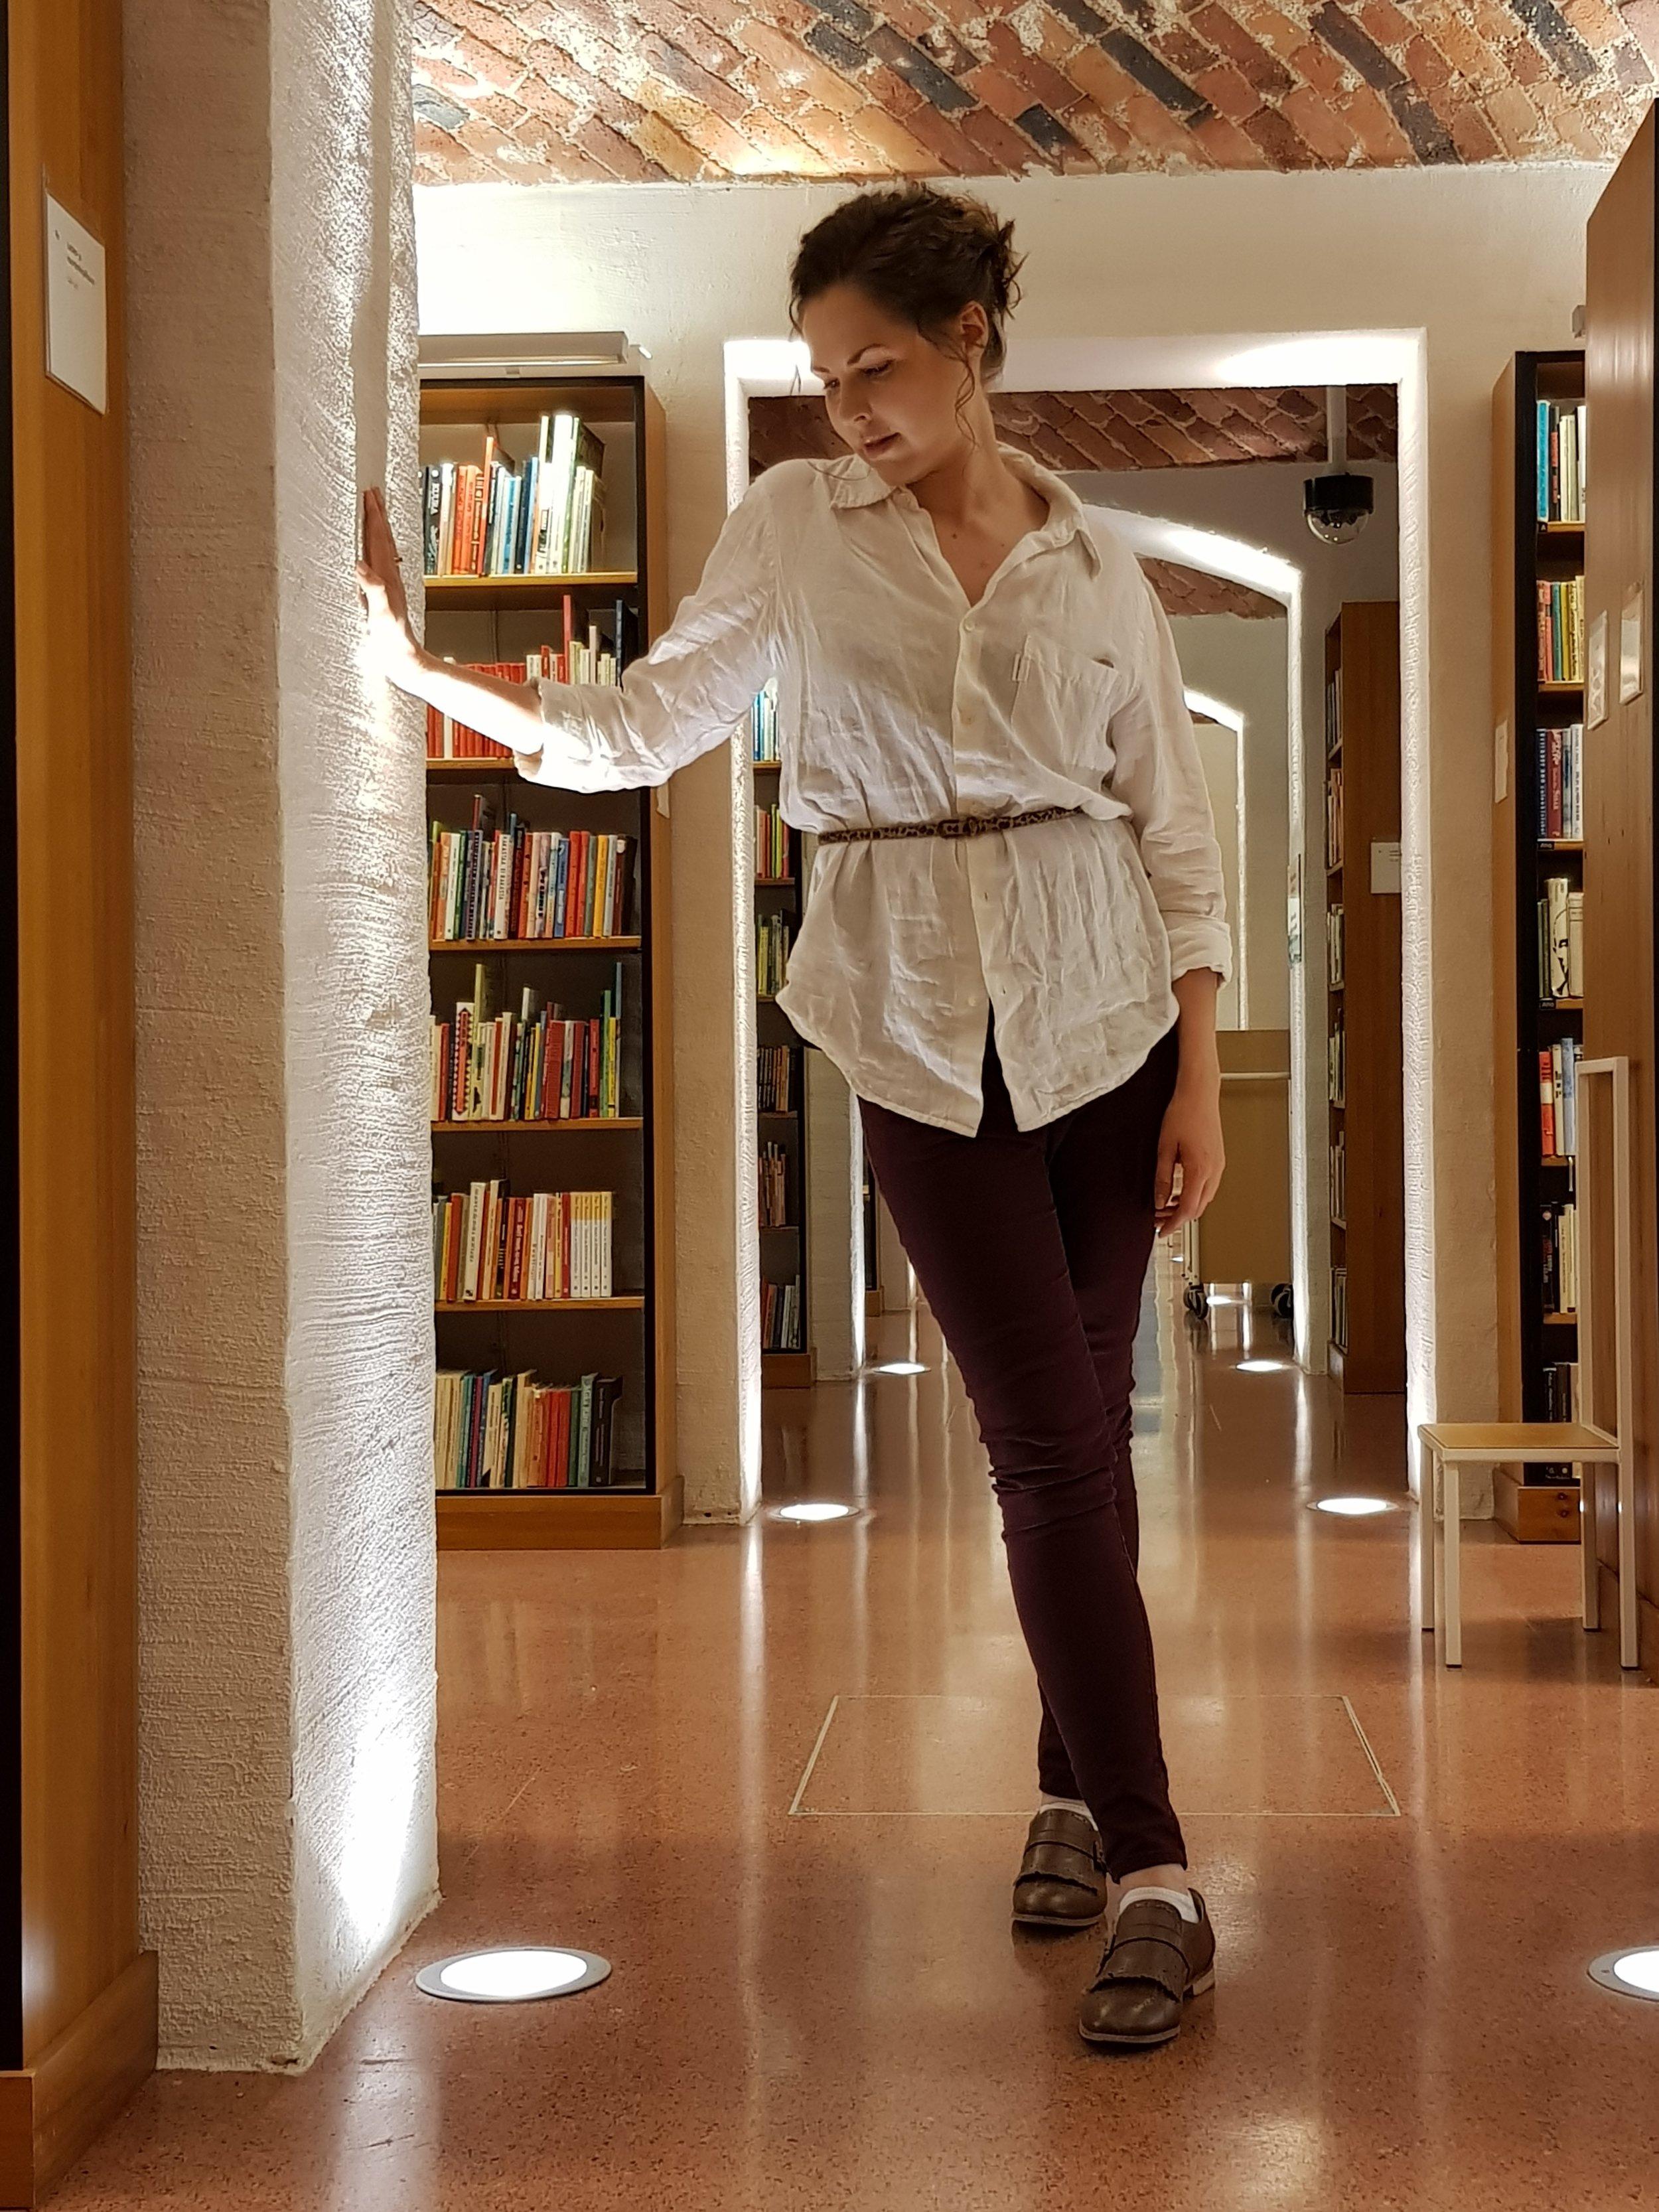 Kirjastovahtia alkaa kohta nukuttaa SKS:n kirjastossa.